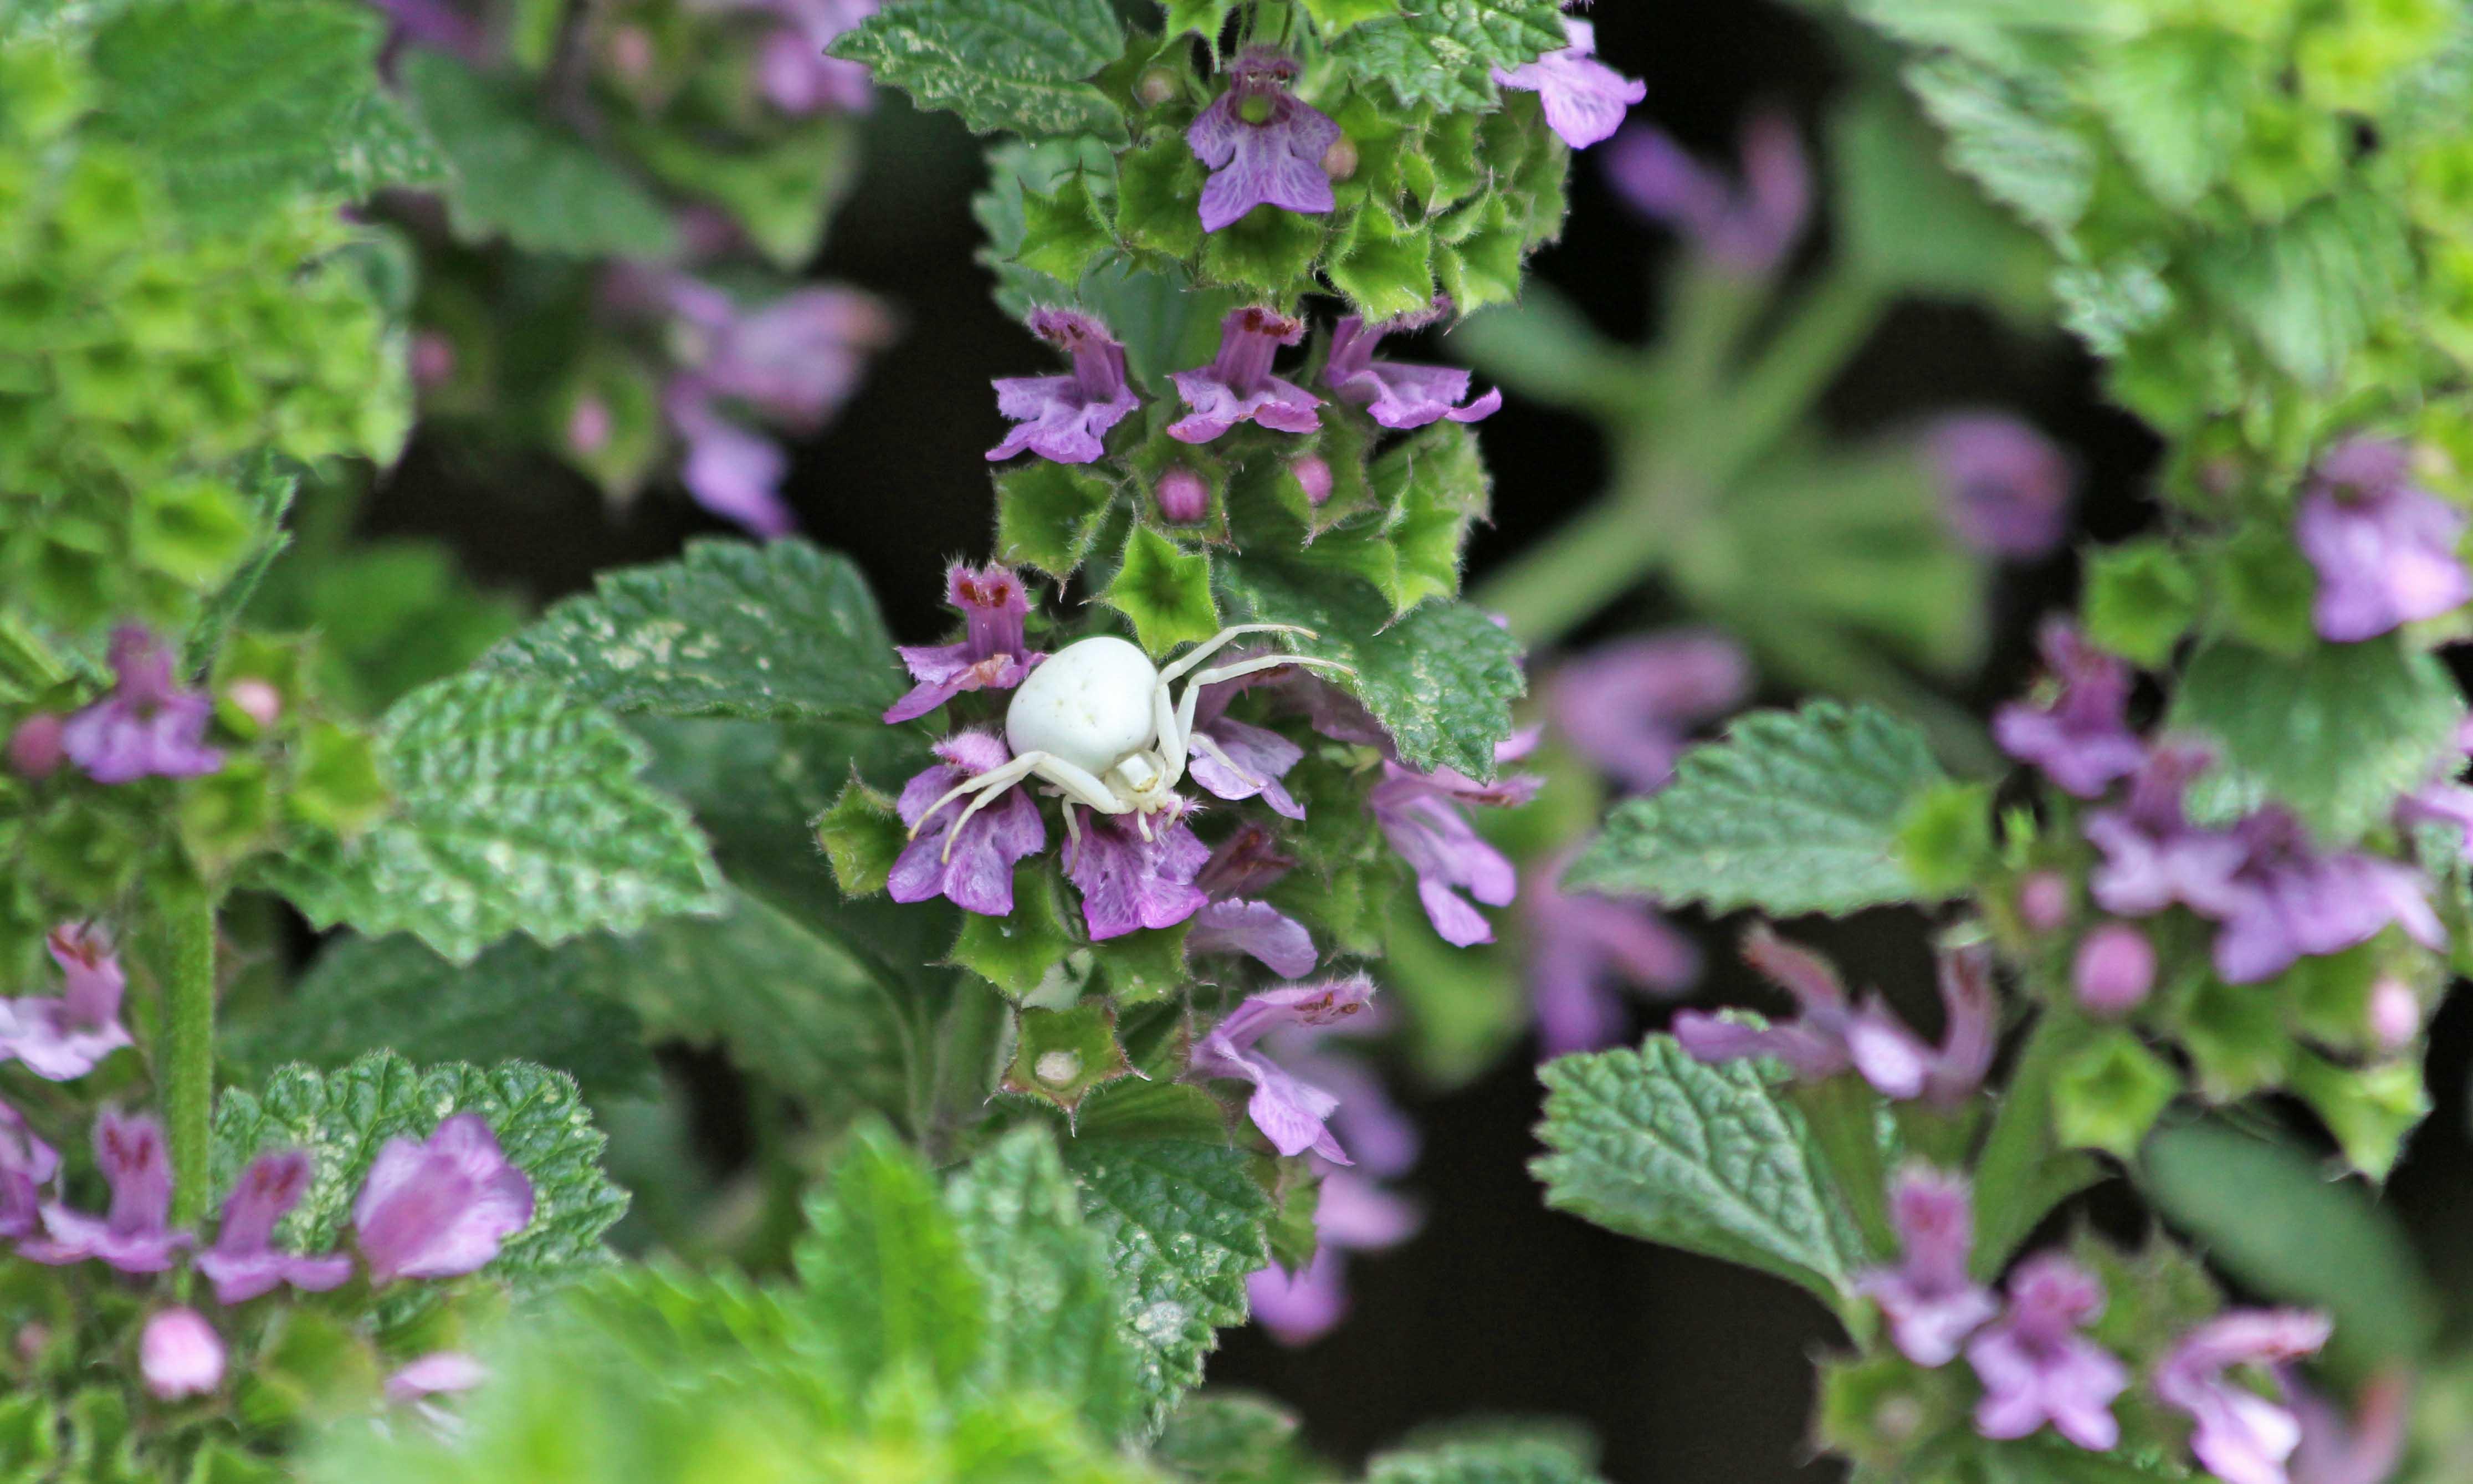 200706 1 crab spider